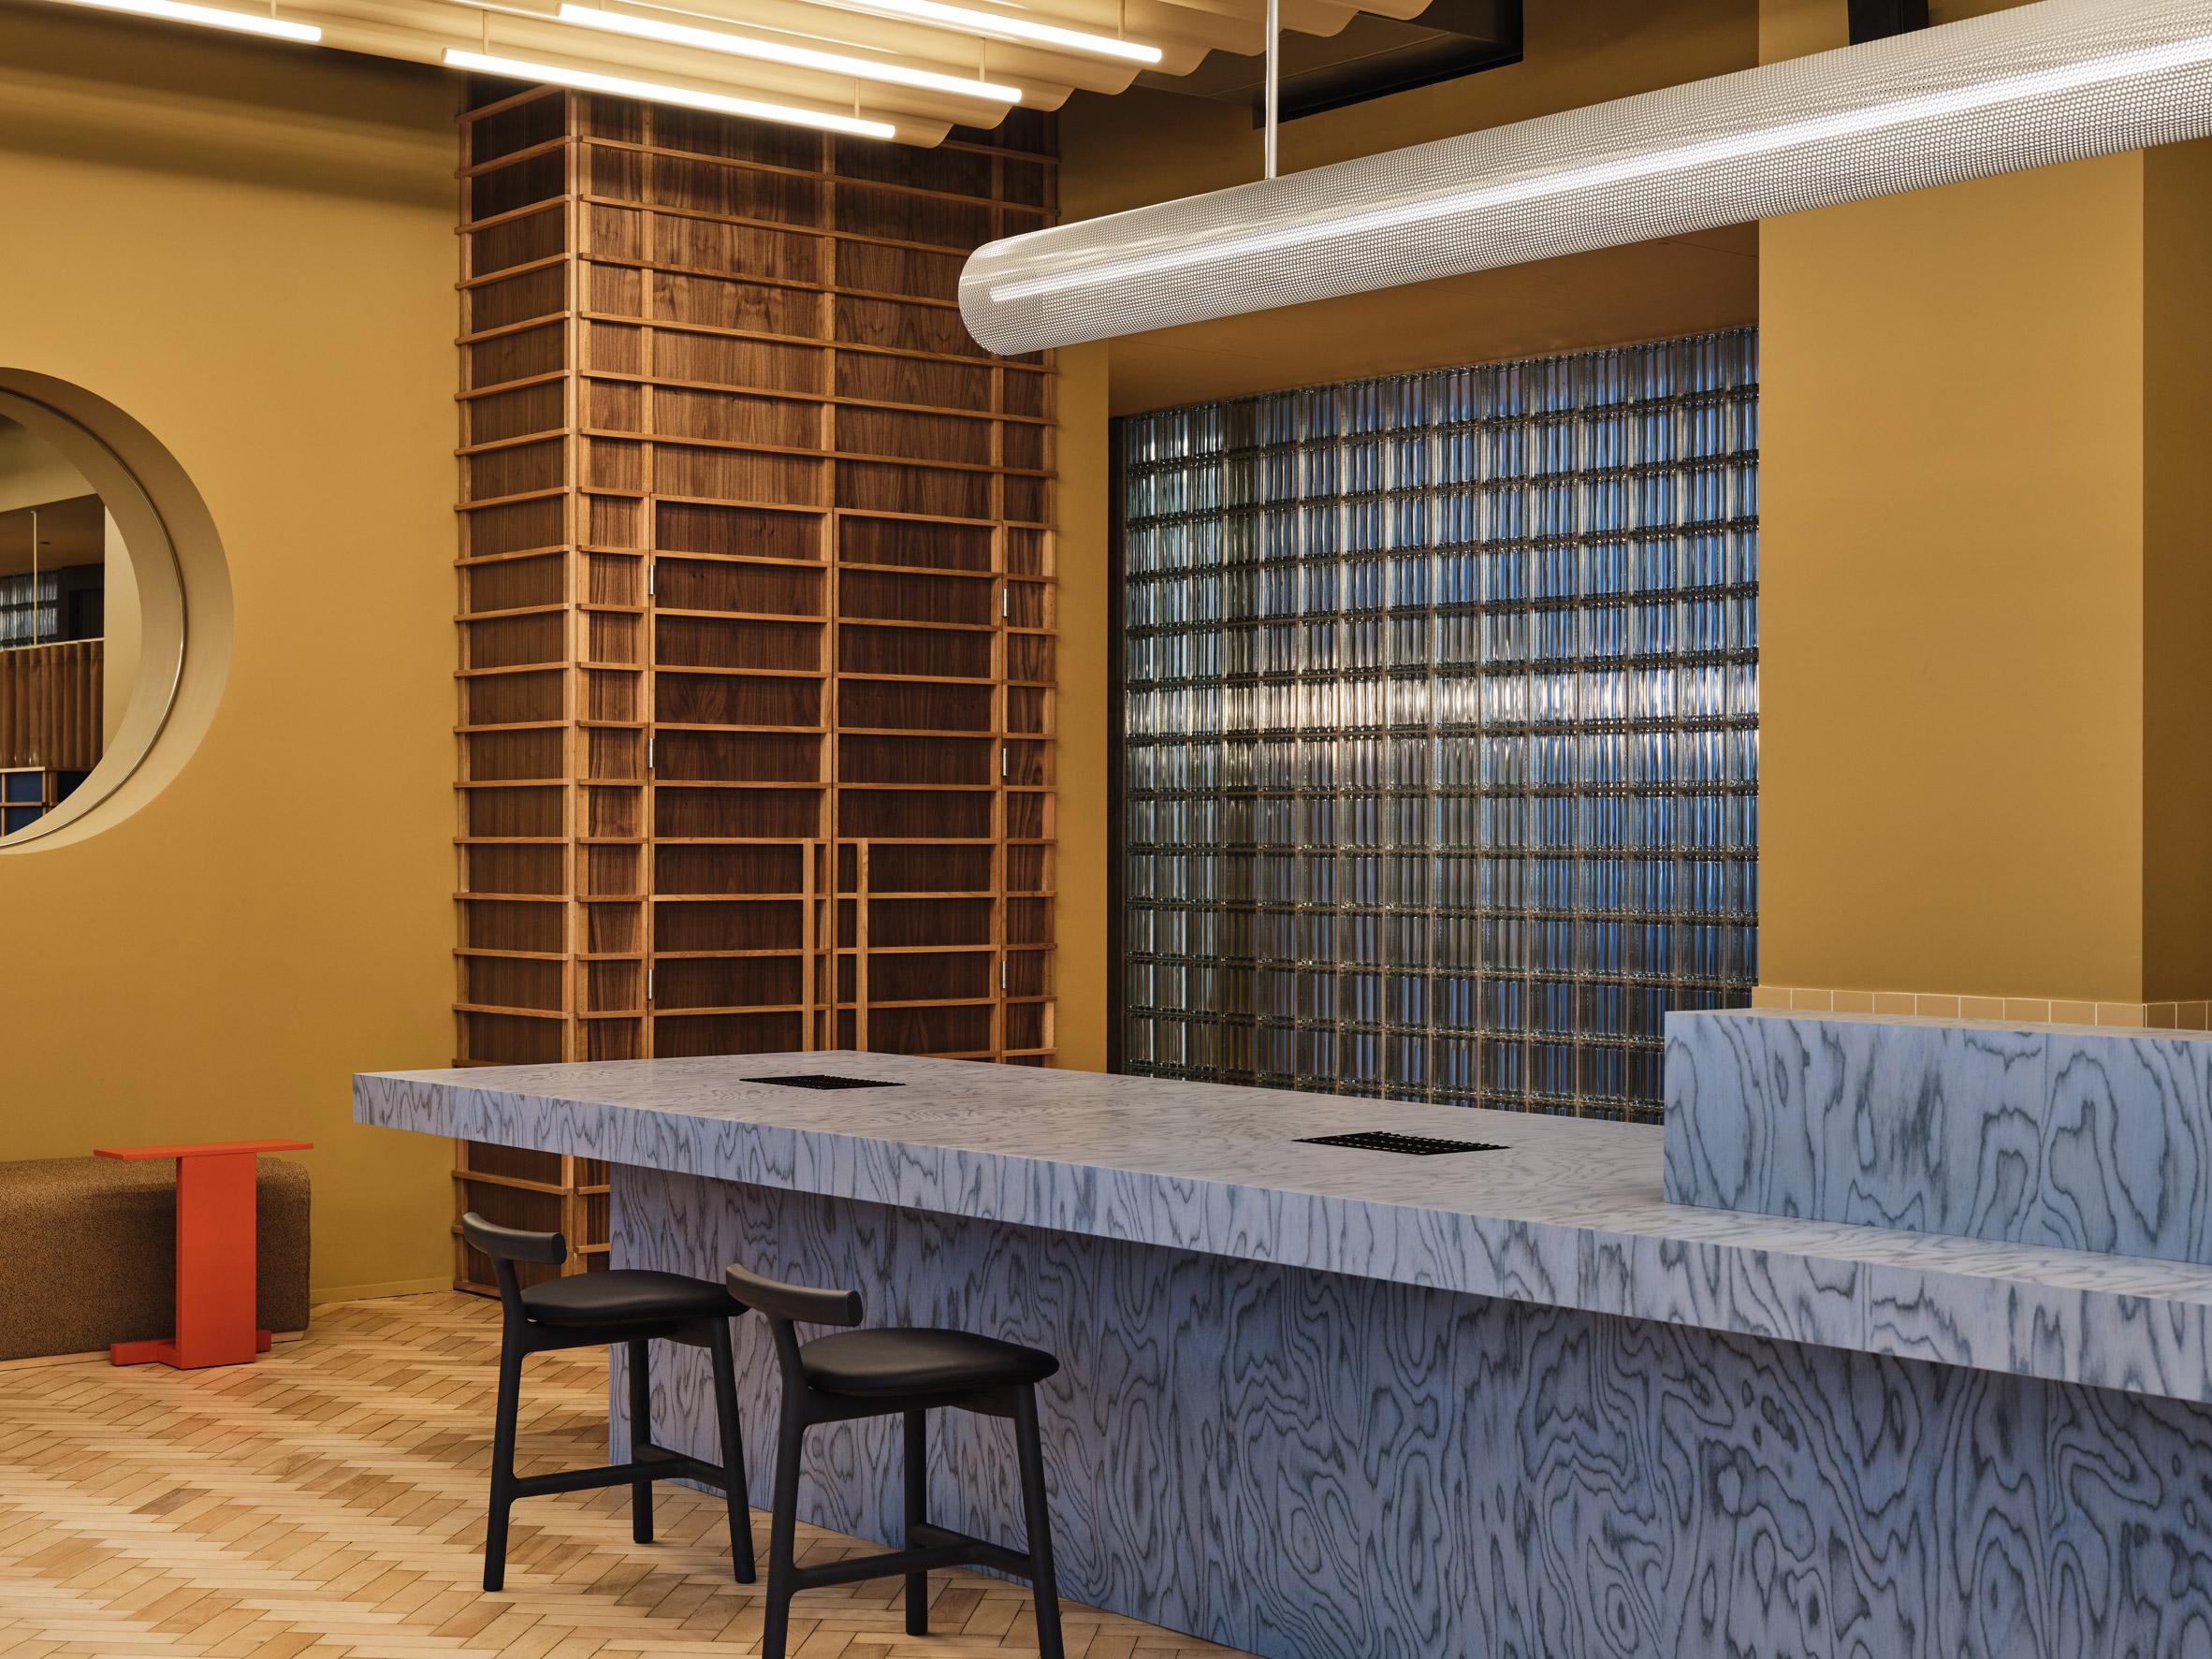 Reception desk clad in Ettore Sottsass Alpi veneer in blue